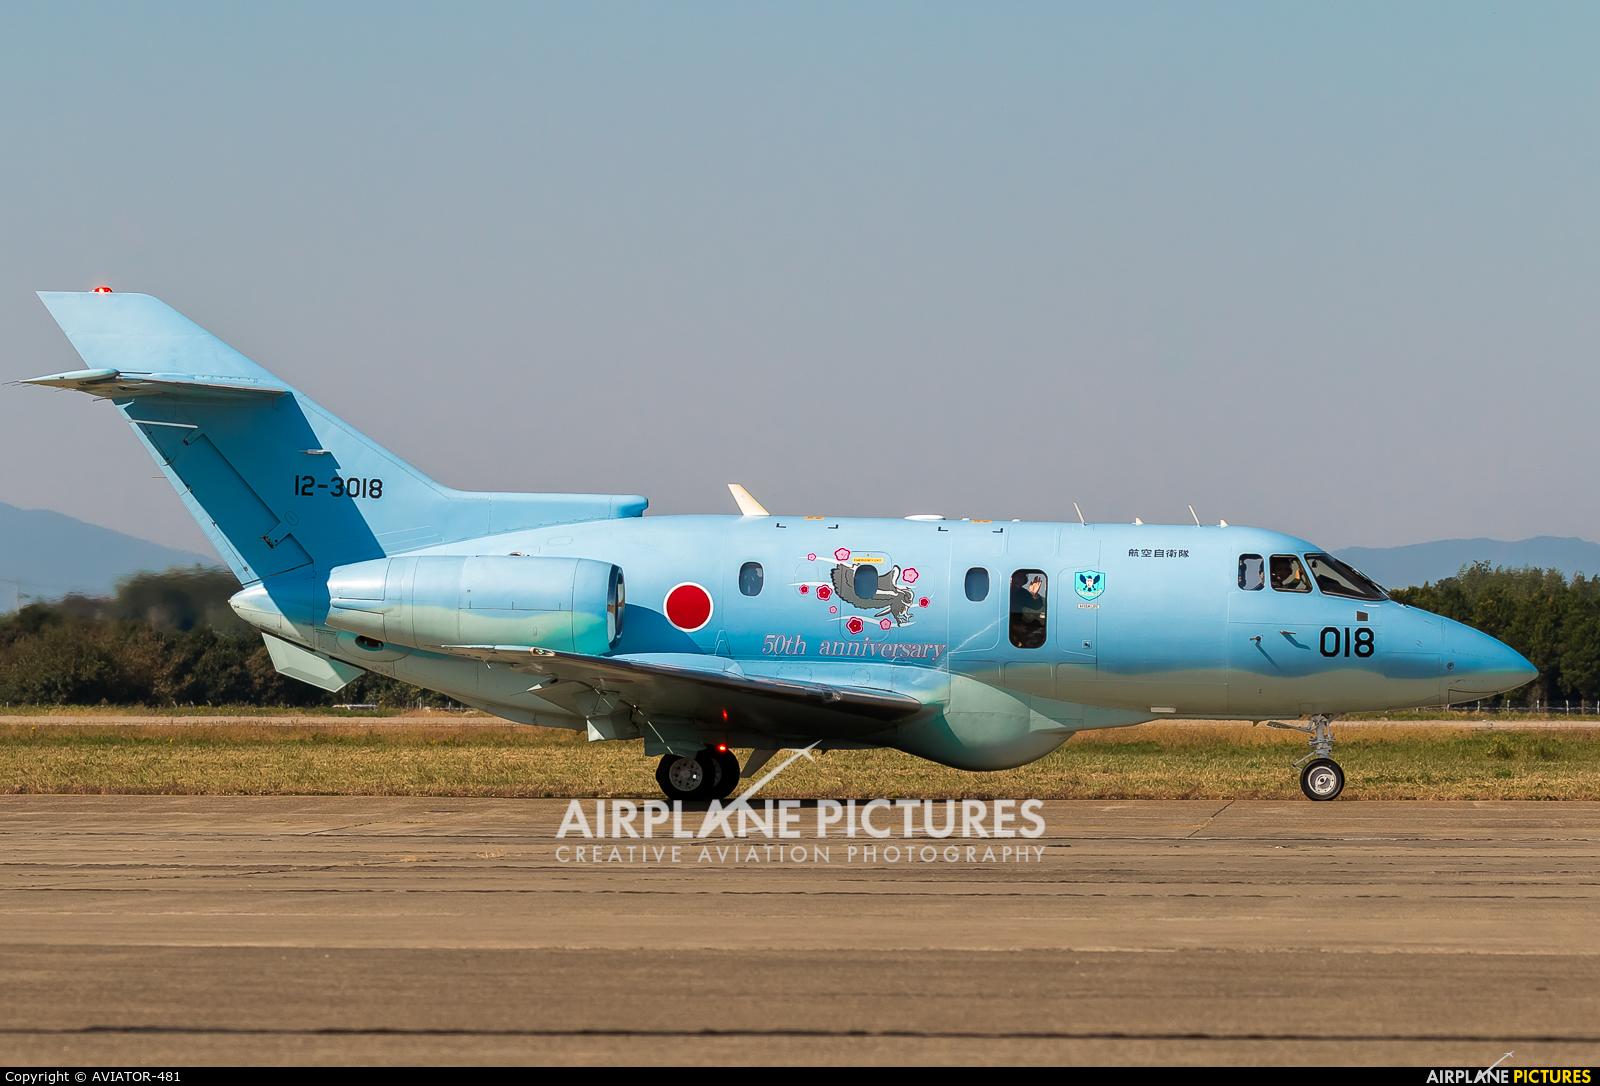 Japan - Air Self Defence Force 12-3018 aircraft at Ibaraki - Hyakuri AB